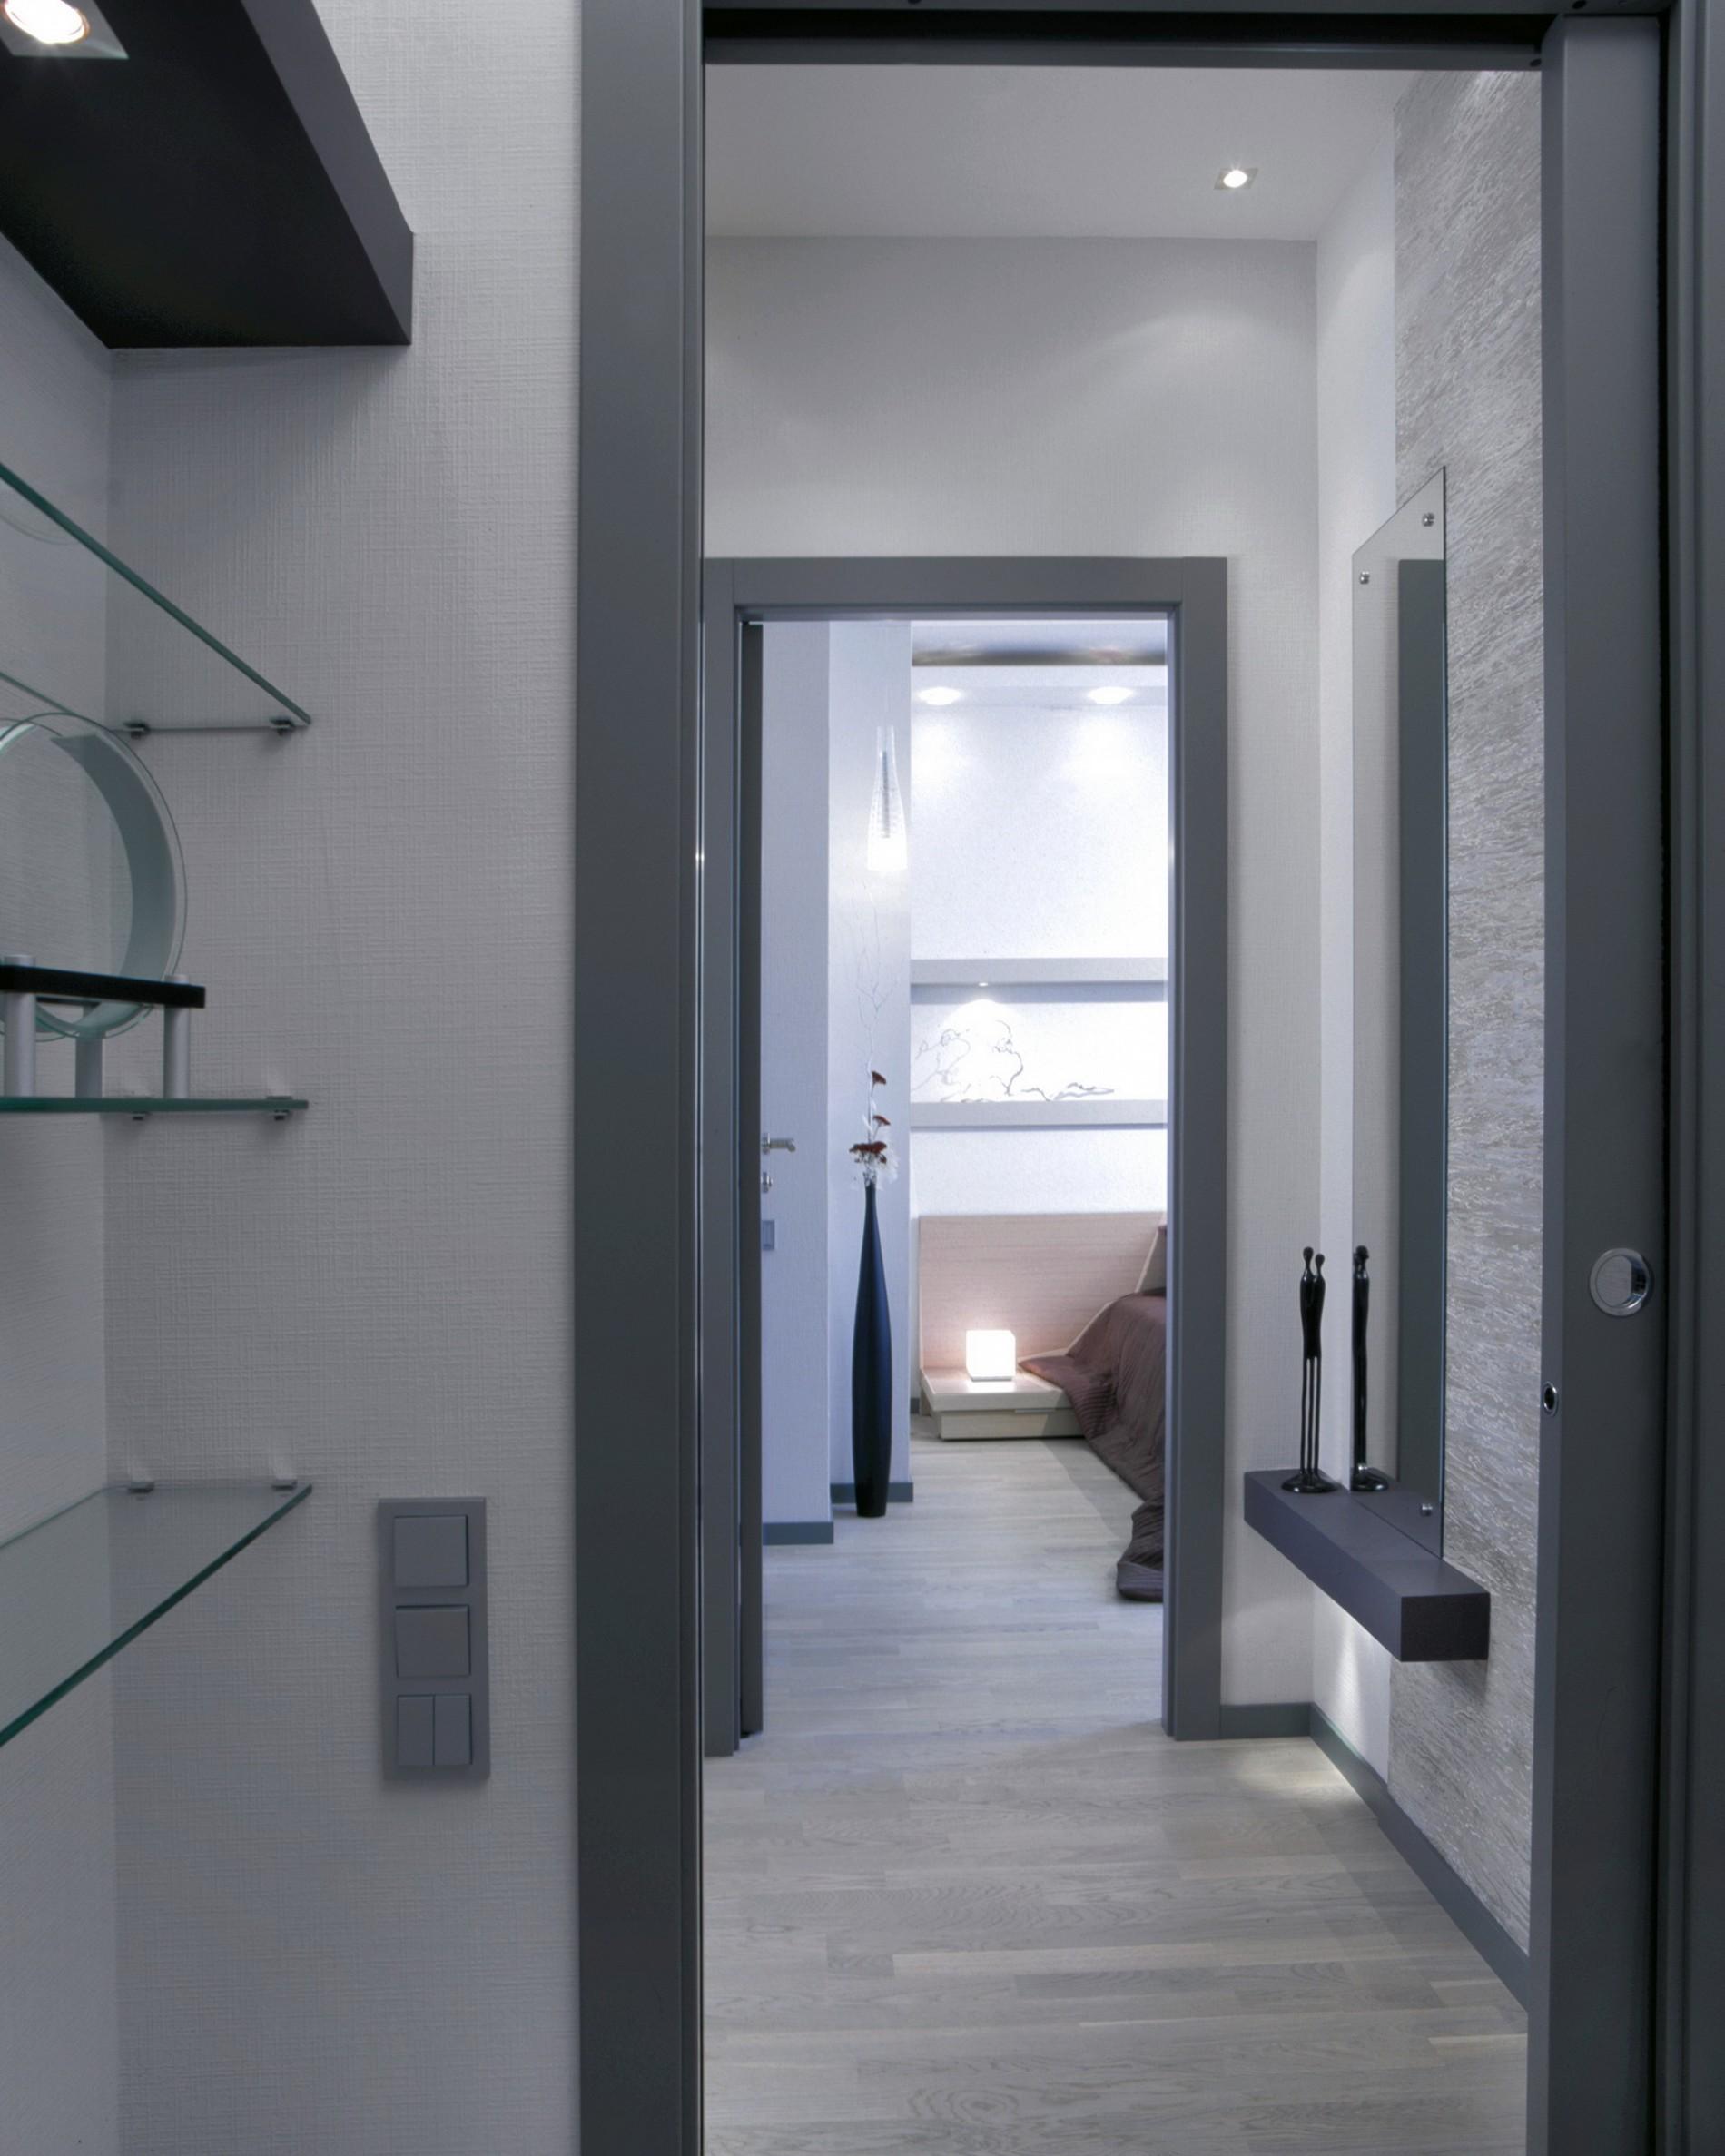 Прихожая и коридор в современной квартире